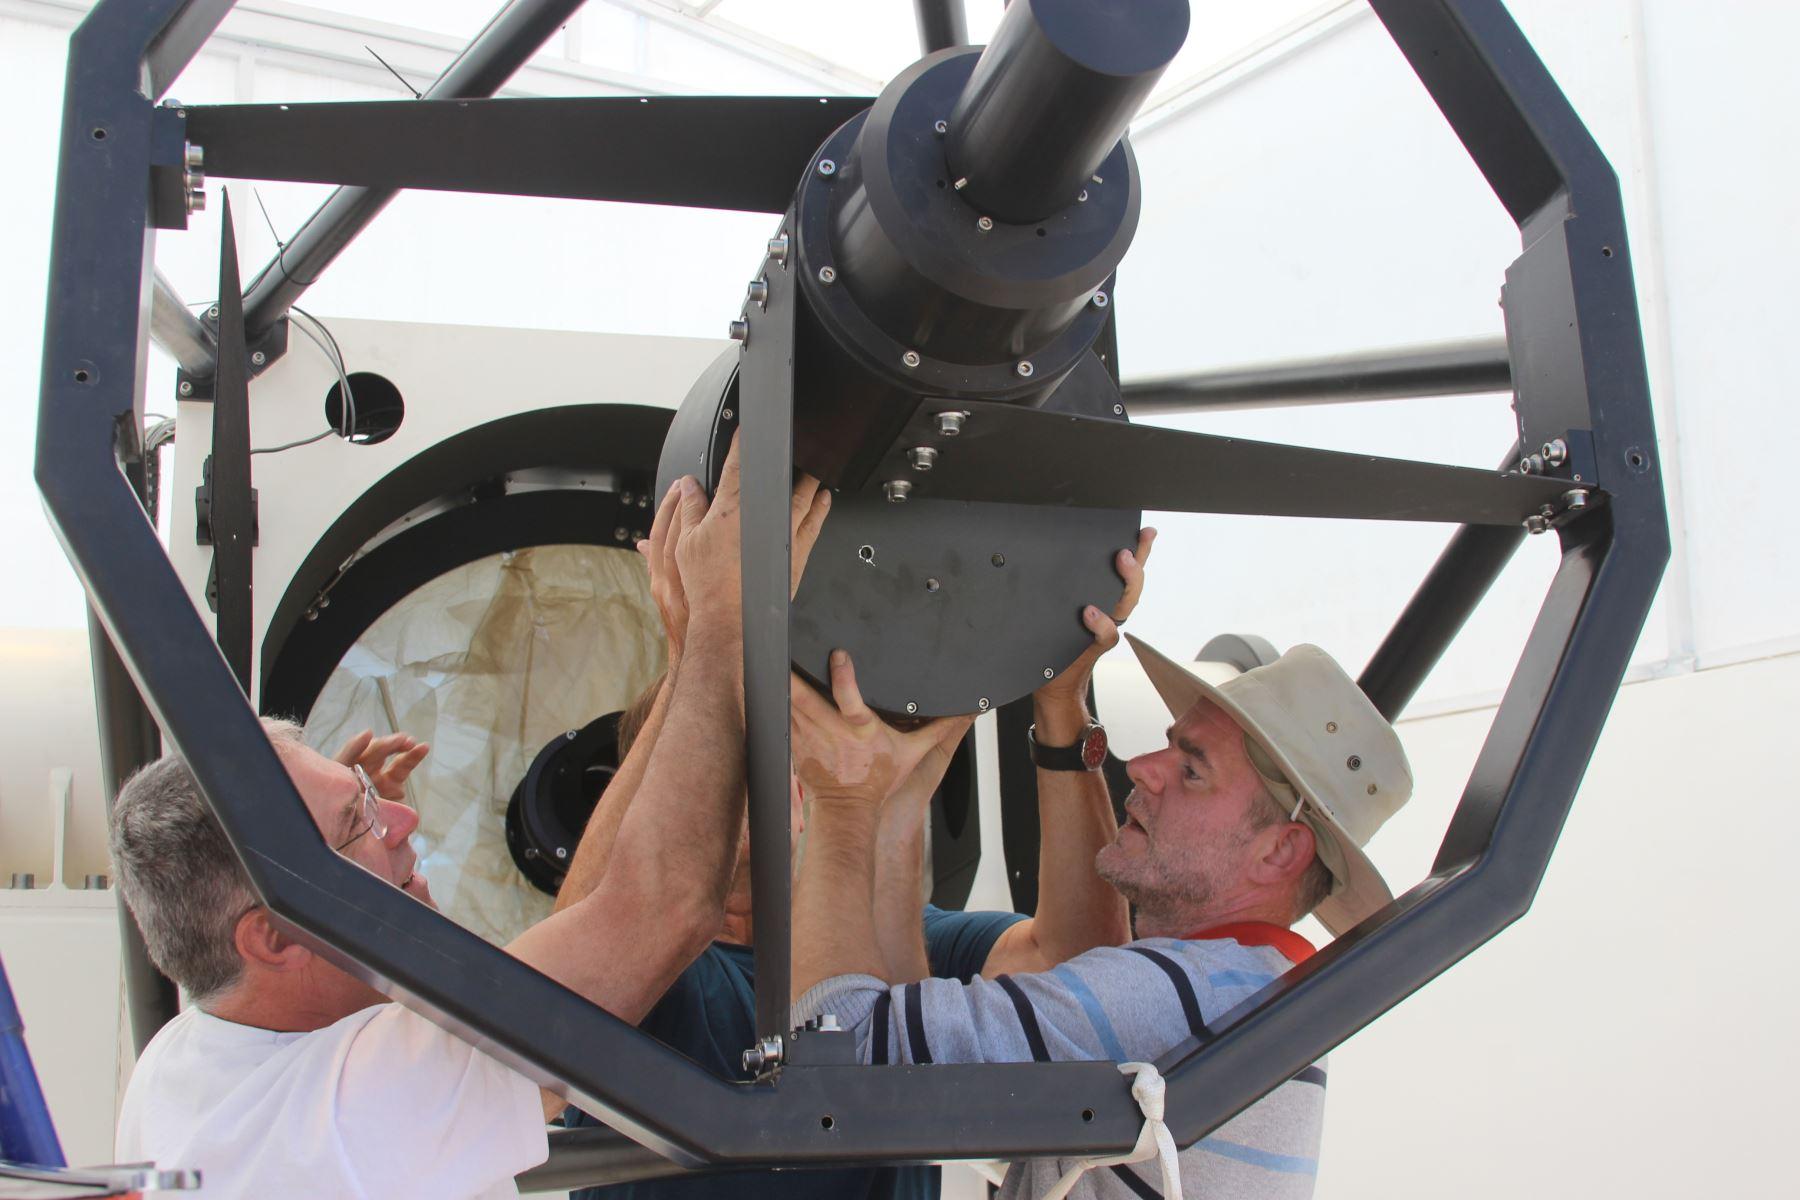 El Ritchey Chrétien (RC-1M), el telescopio más grande y moderno del Perú, es instalado a 3,300 metros sobre el nivel del mar, en el centro poblado de Cambrune, en la región Moquegua.